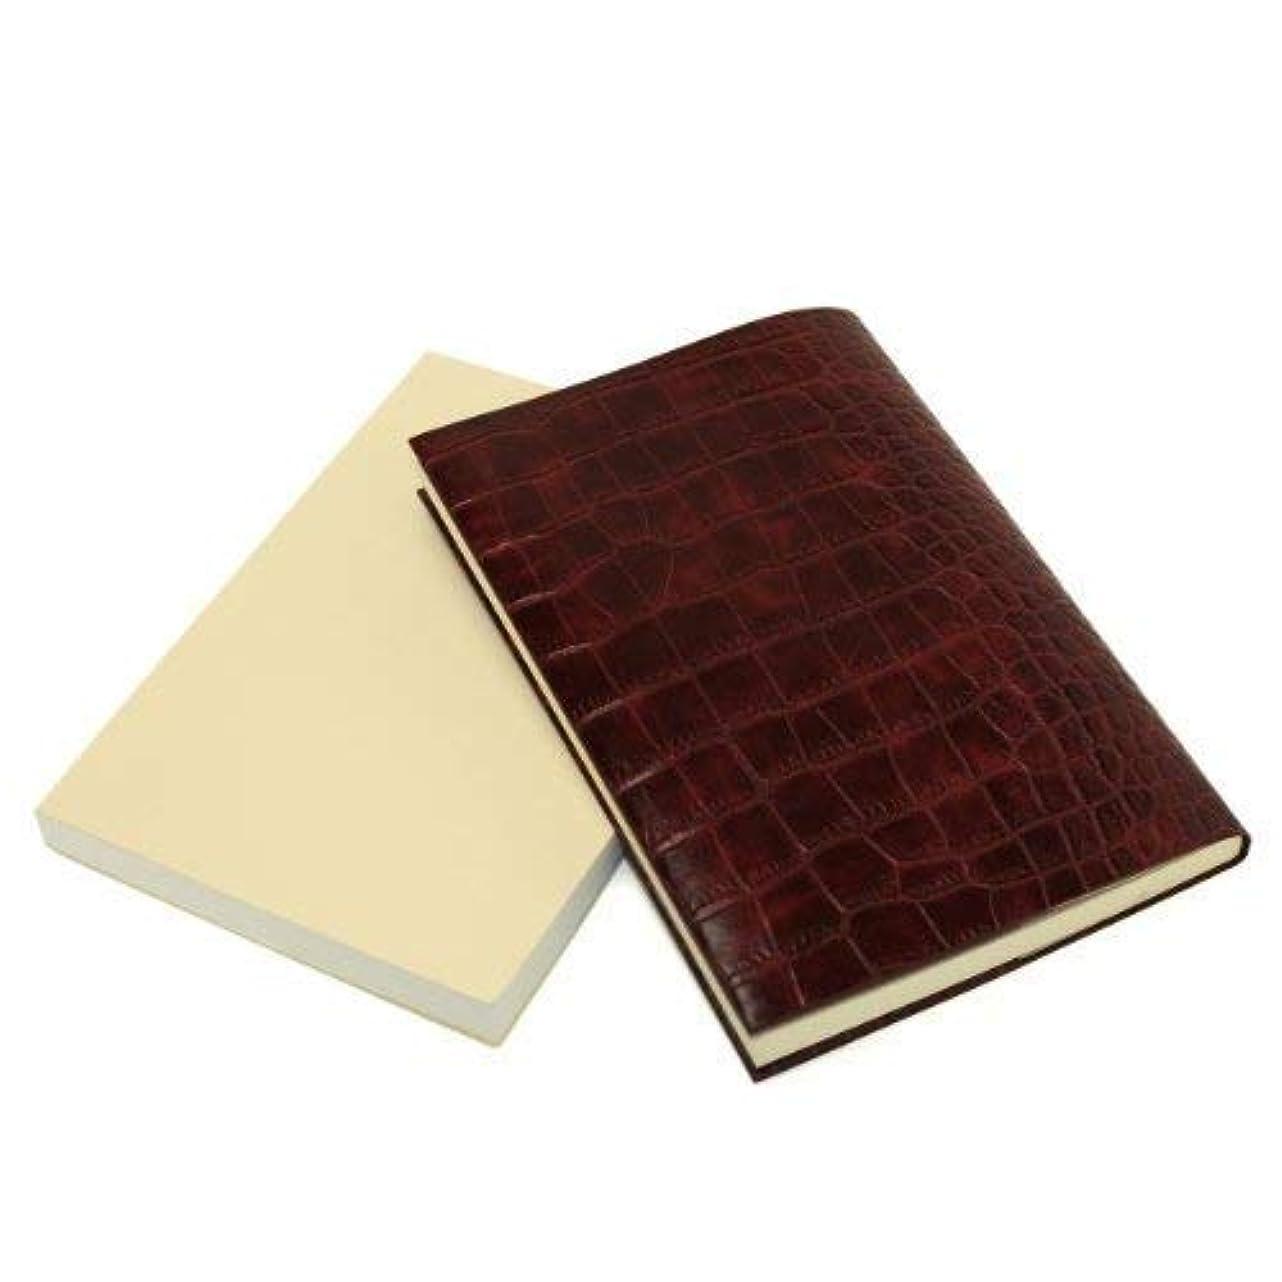 嫉妬パイント著名なお手入れいらずのほぼ日手帳カズン対応 A5サイズ リサイクルレザー カバー (クロコ型押しボルドー)